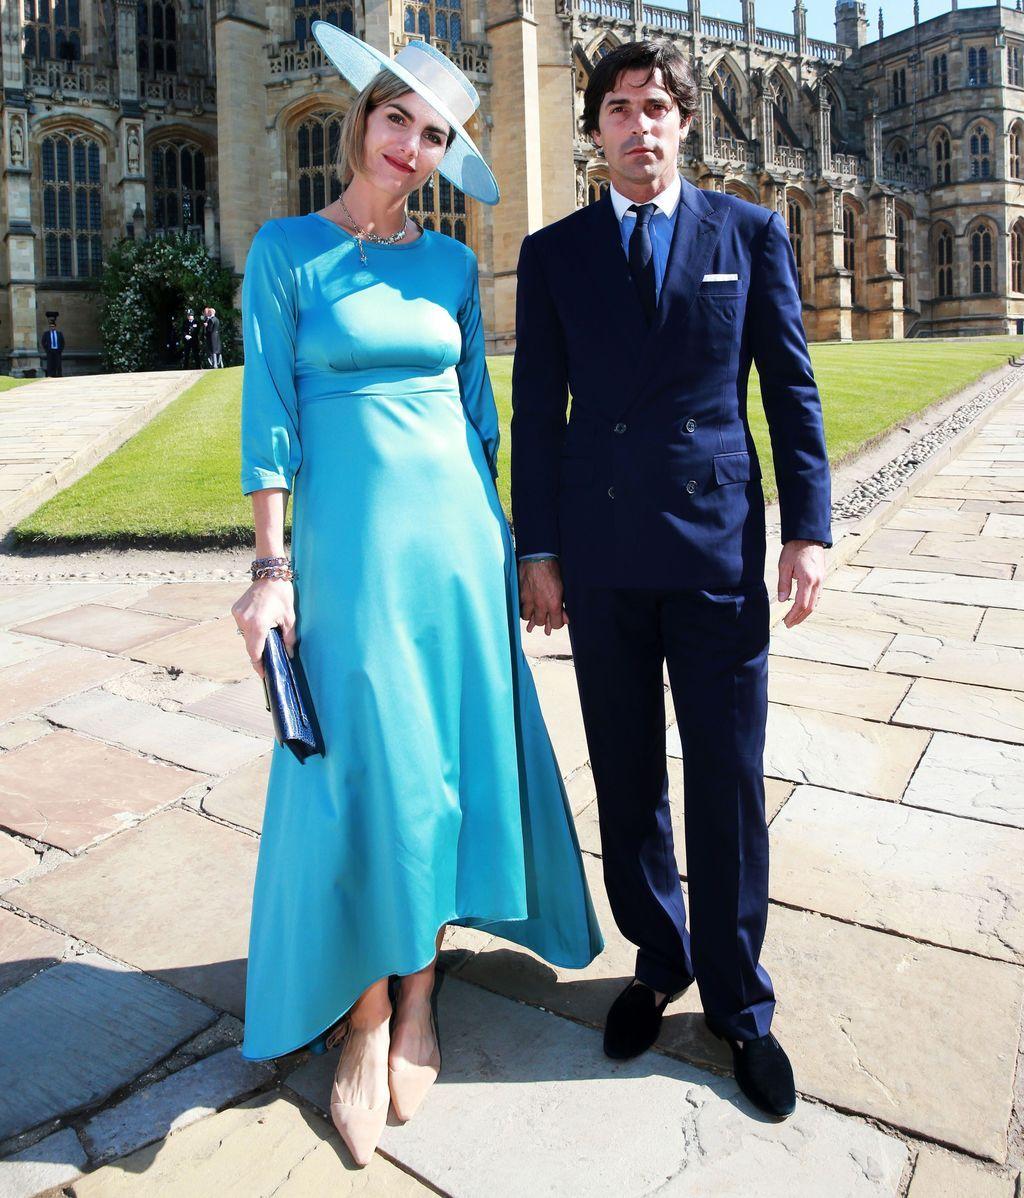 Boda de Harry y Meghan: Aciertos y errores de los invitados a la boda